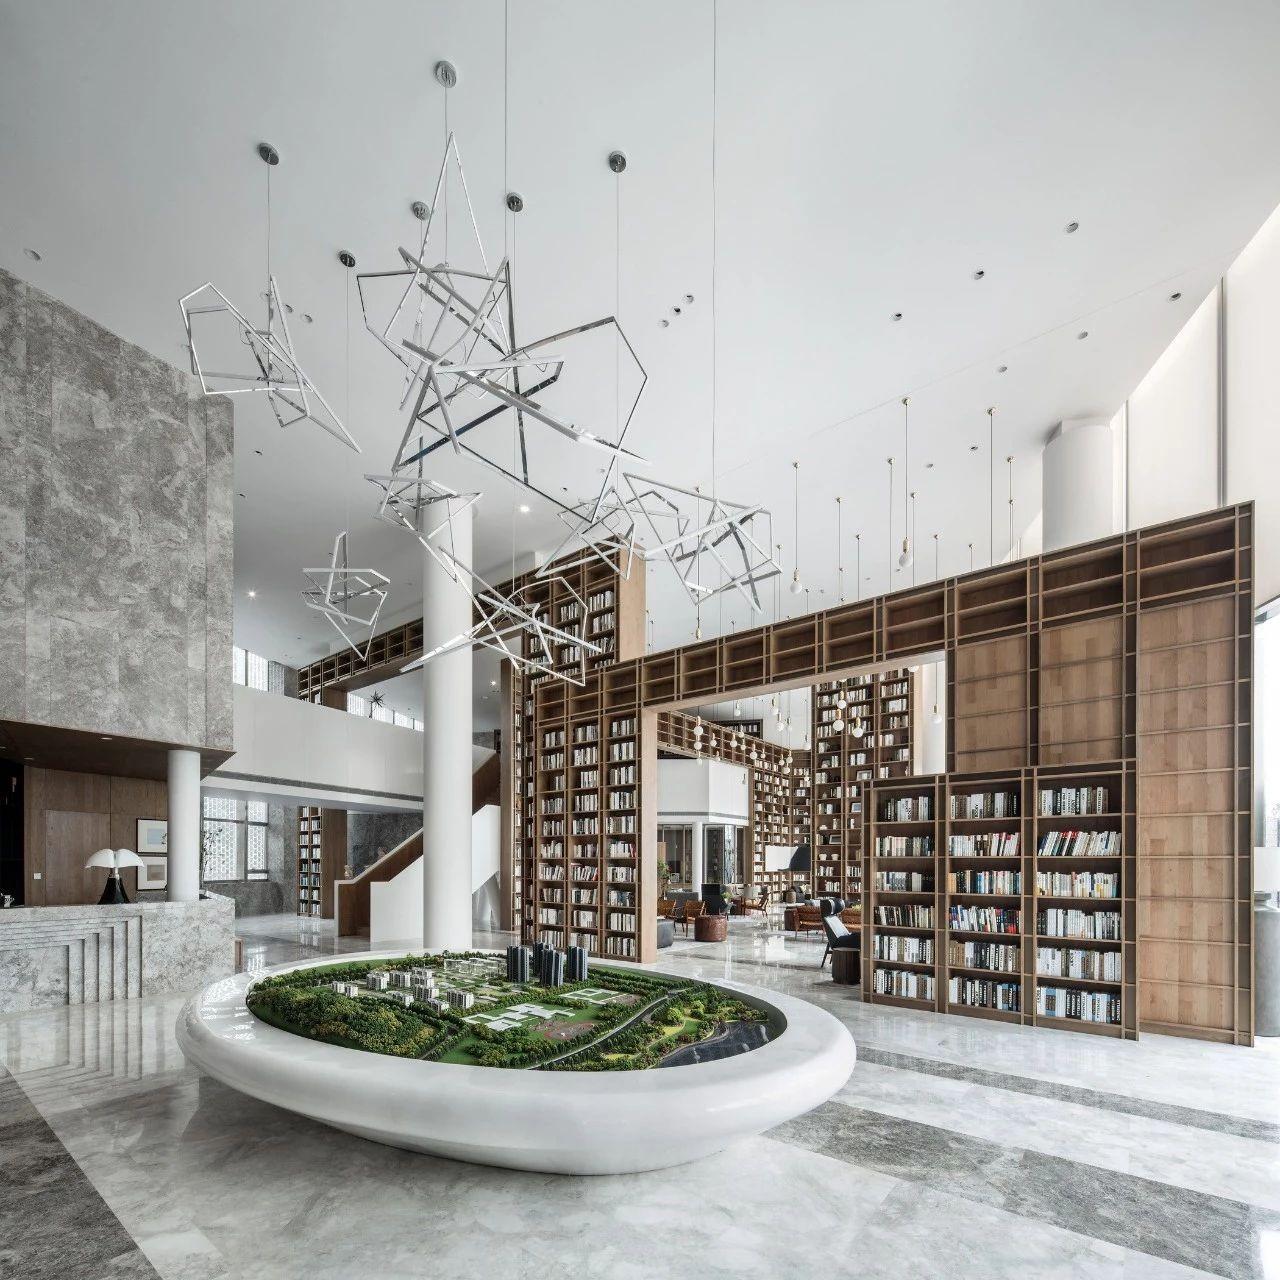 尚壹扬新作:解构的图书馆—— 绿城武汉凤起乐鸣销售中心